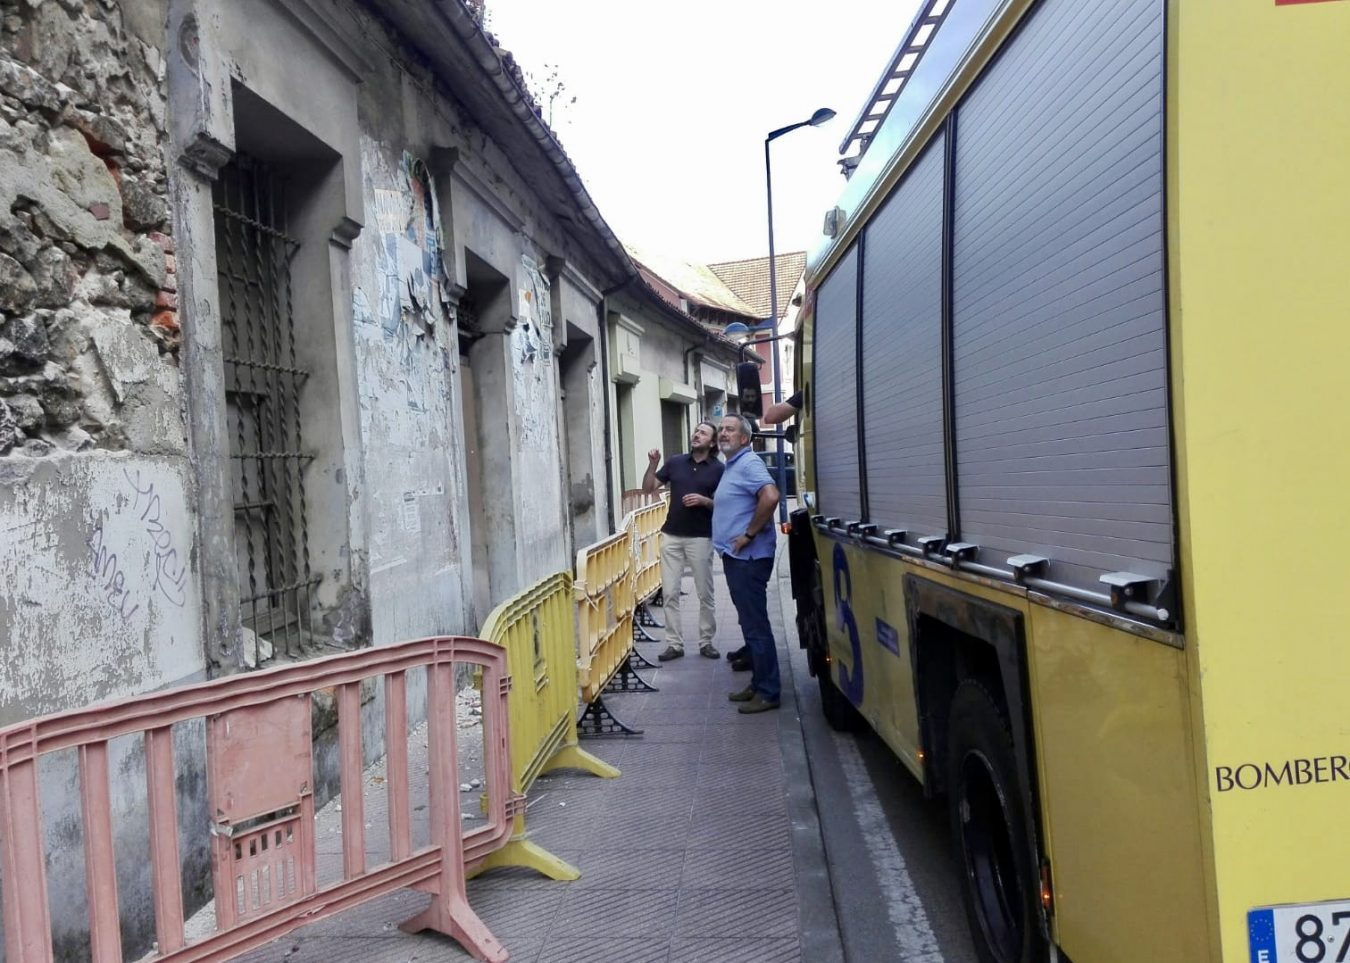 Los Servicios de Emergencia intervienen en un edificio ruinoso de Ribadesella para garantizar la seguridad de los peatones